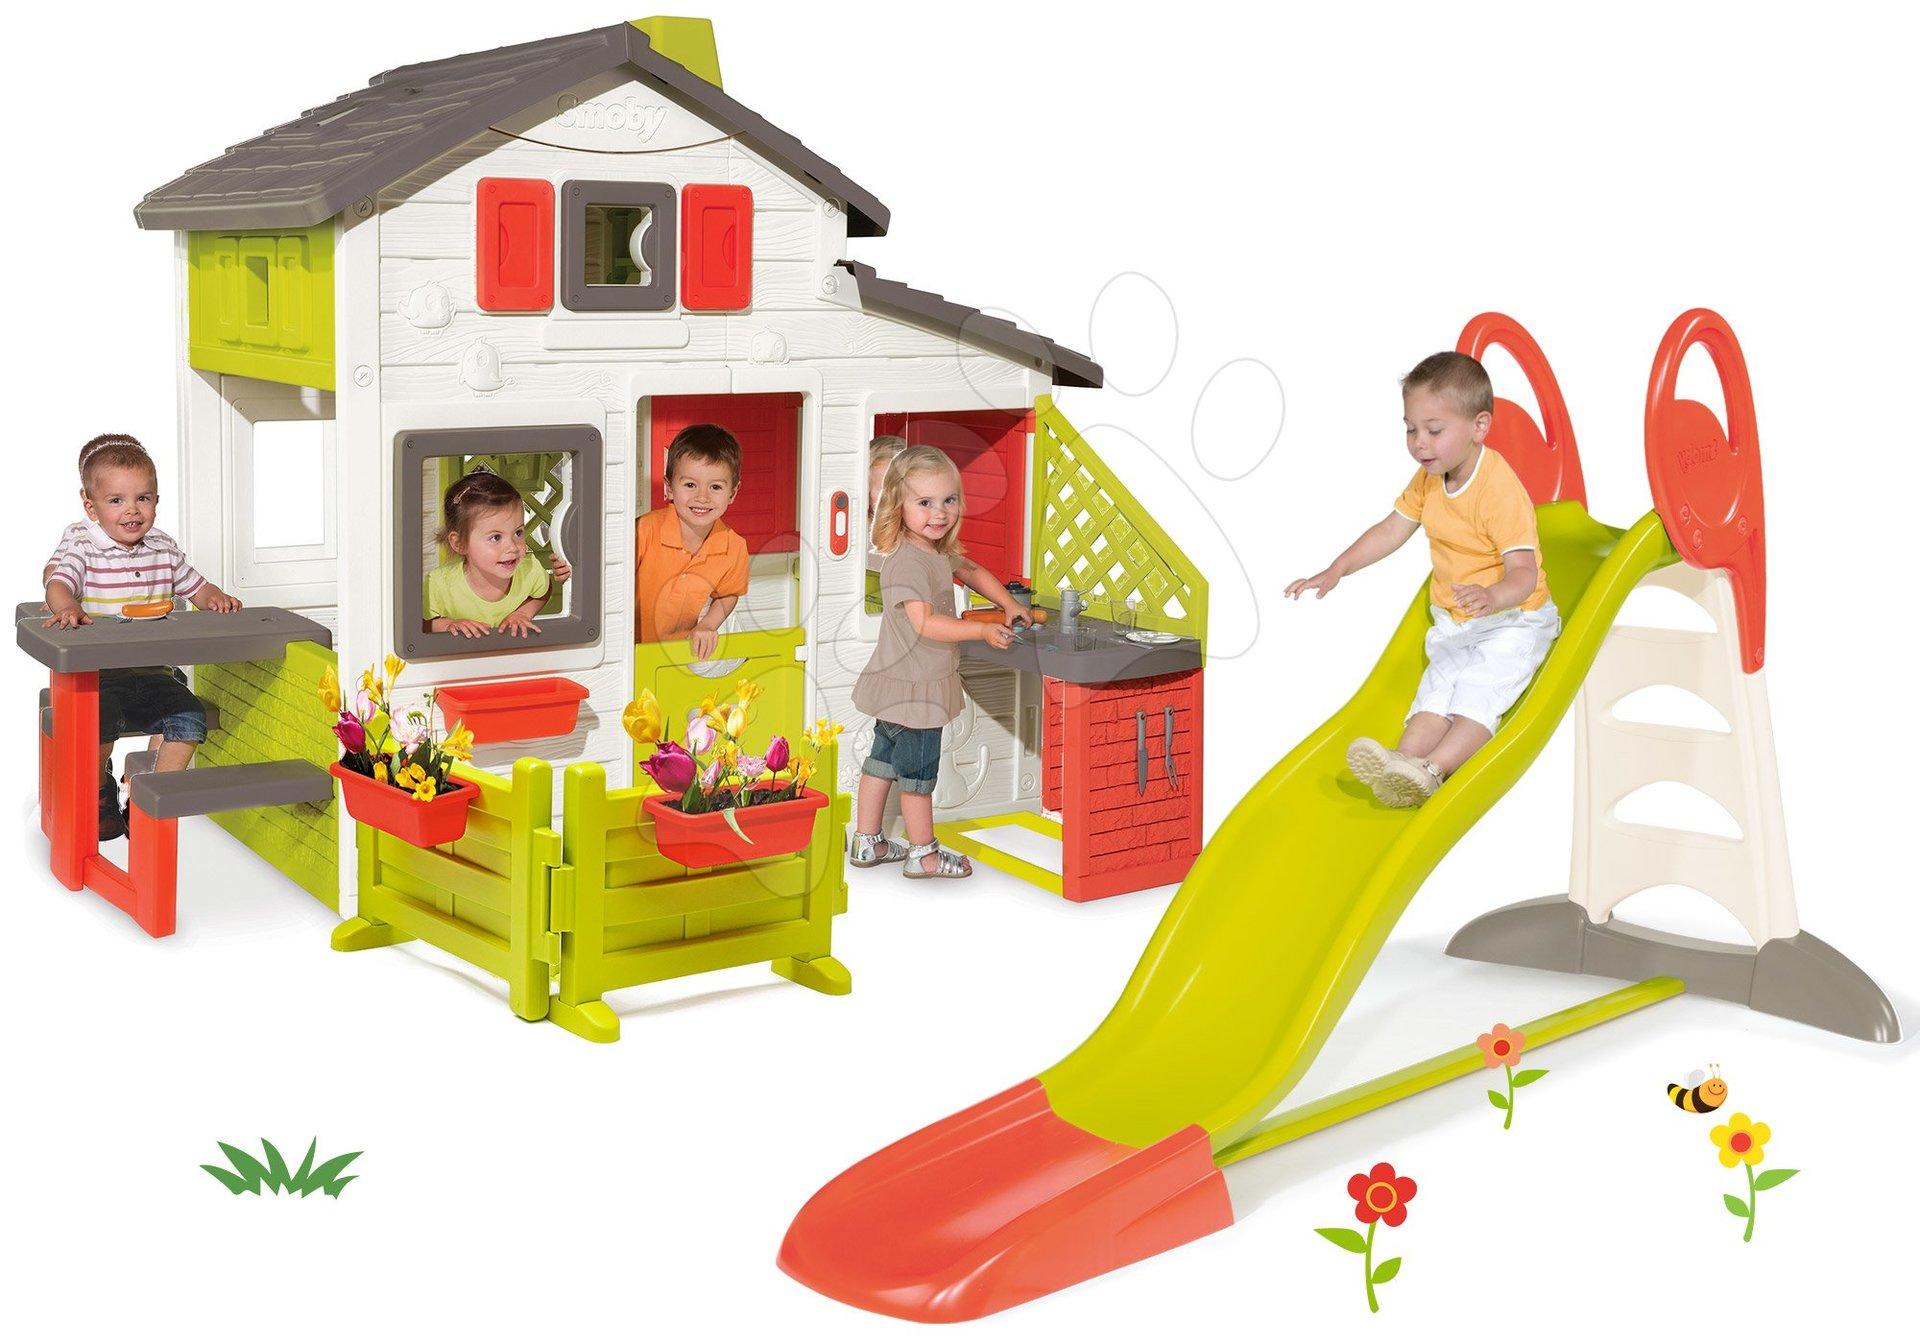 Set šmykľavka Toboggan XL s vodou Smoby a domček Friends House s kuchynkou a záhradkou